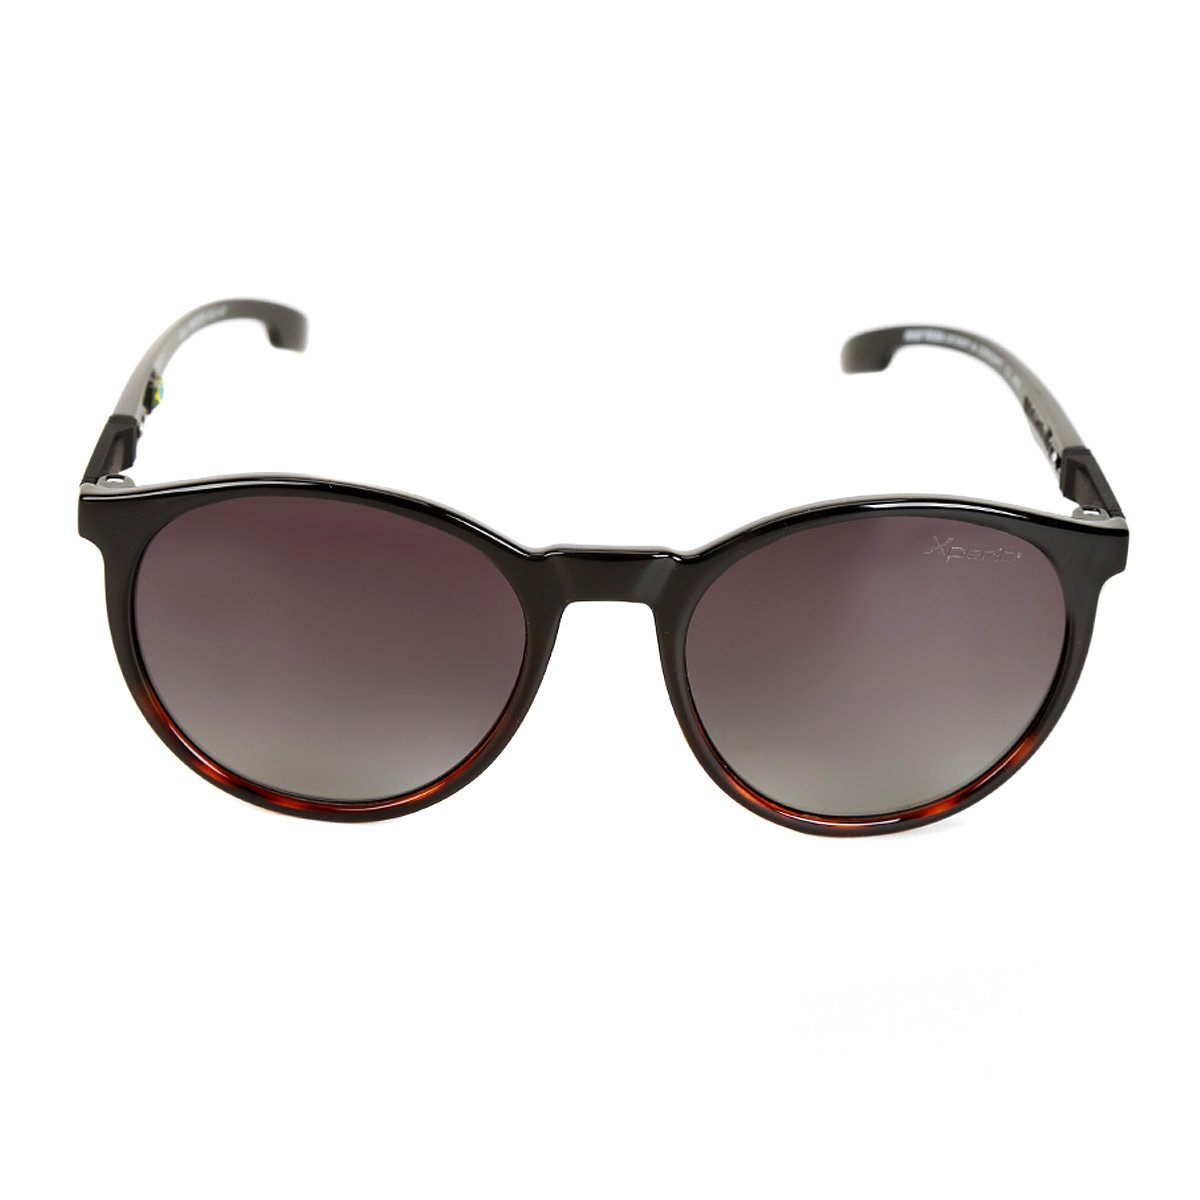 Óculos de Sol Mormaii Maui Gatinho Feminino - Preto - Compre Agora ... 5a804bd89d